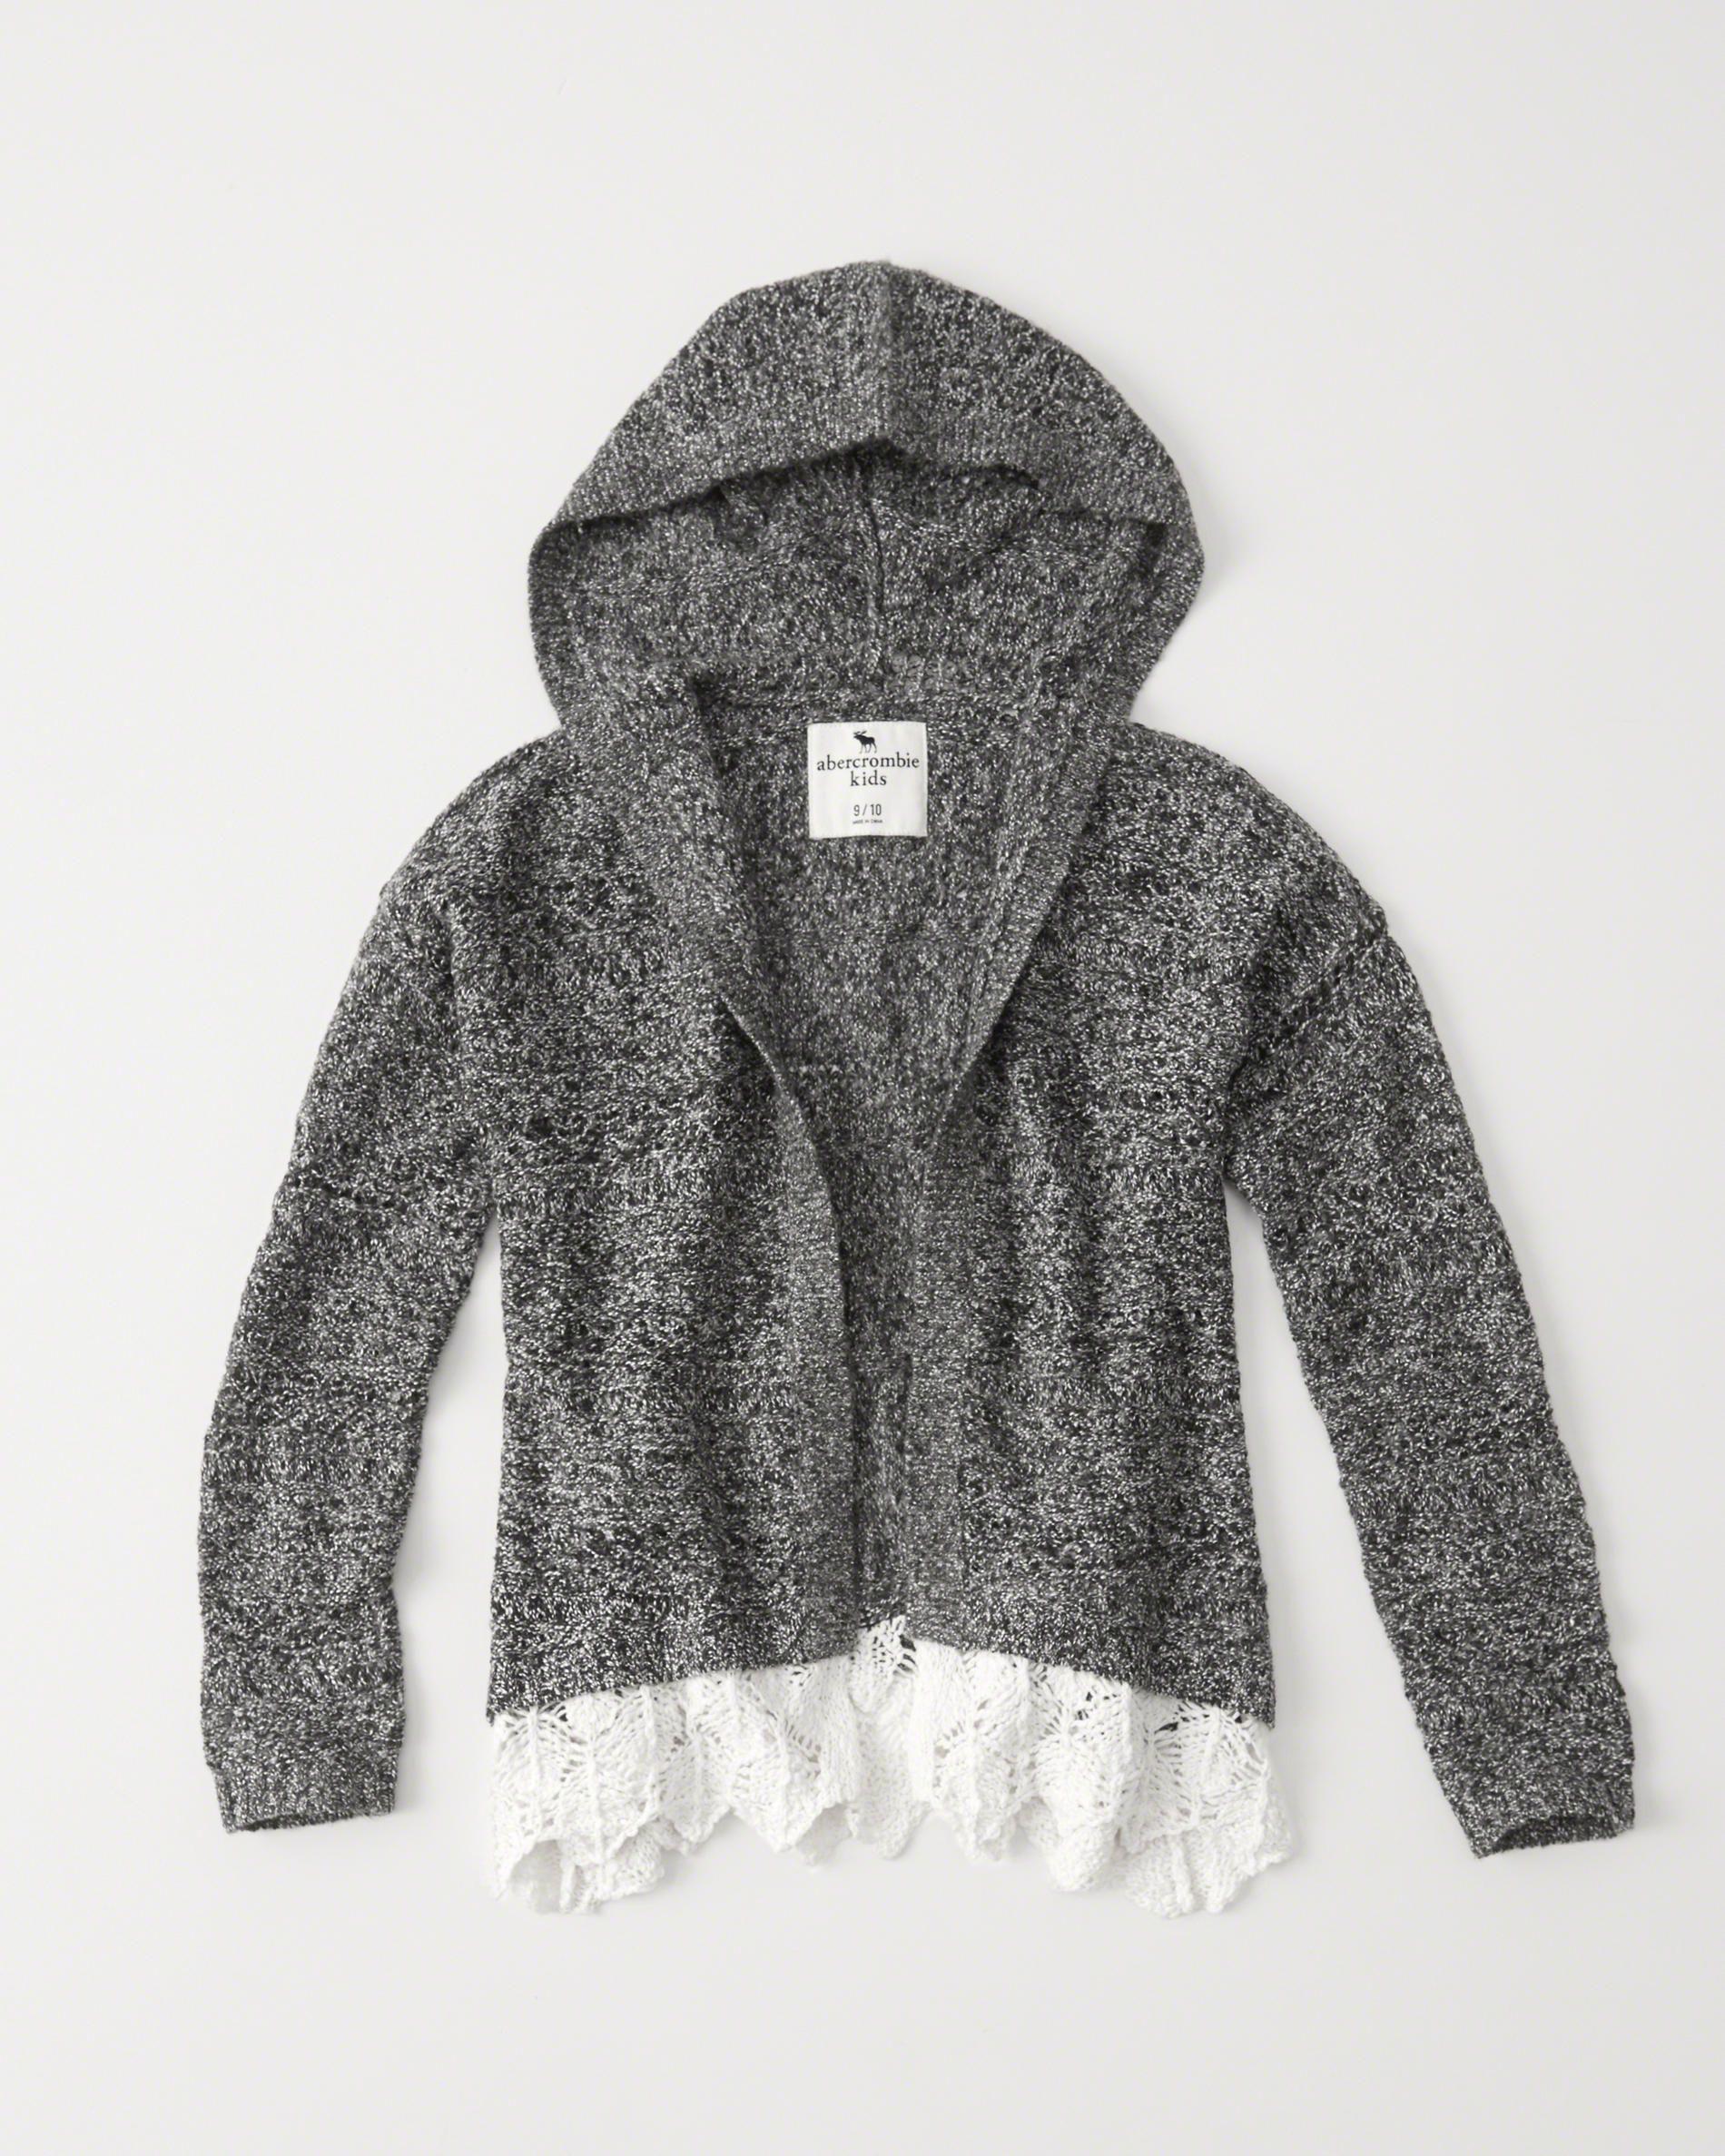 cardigan avec ourlet dentelle | Nice knits | Pinterest | Hooded ...